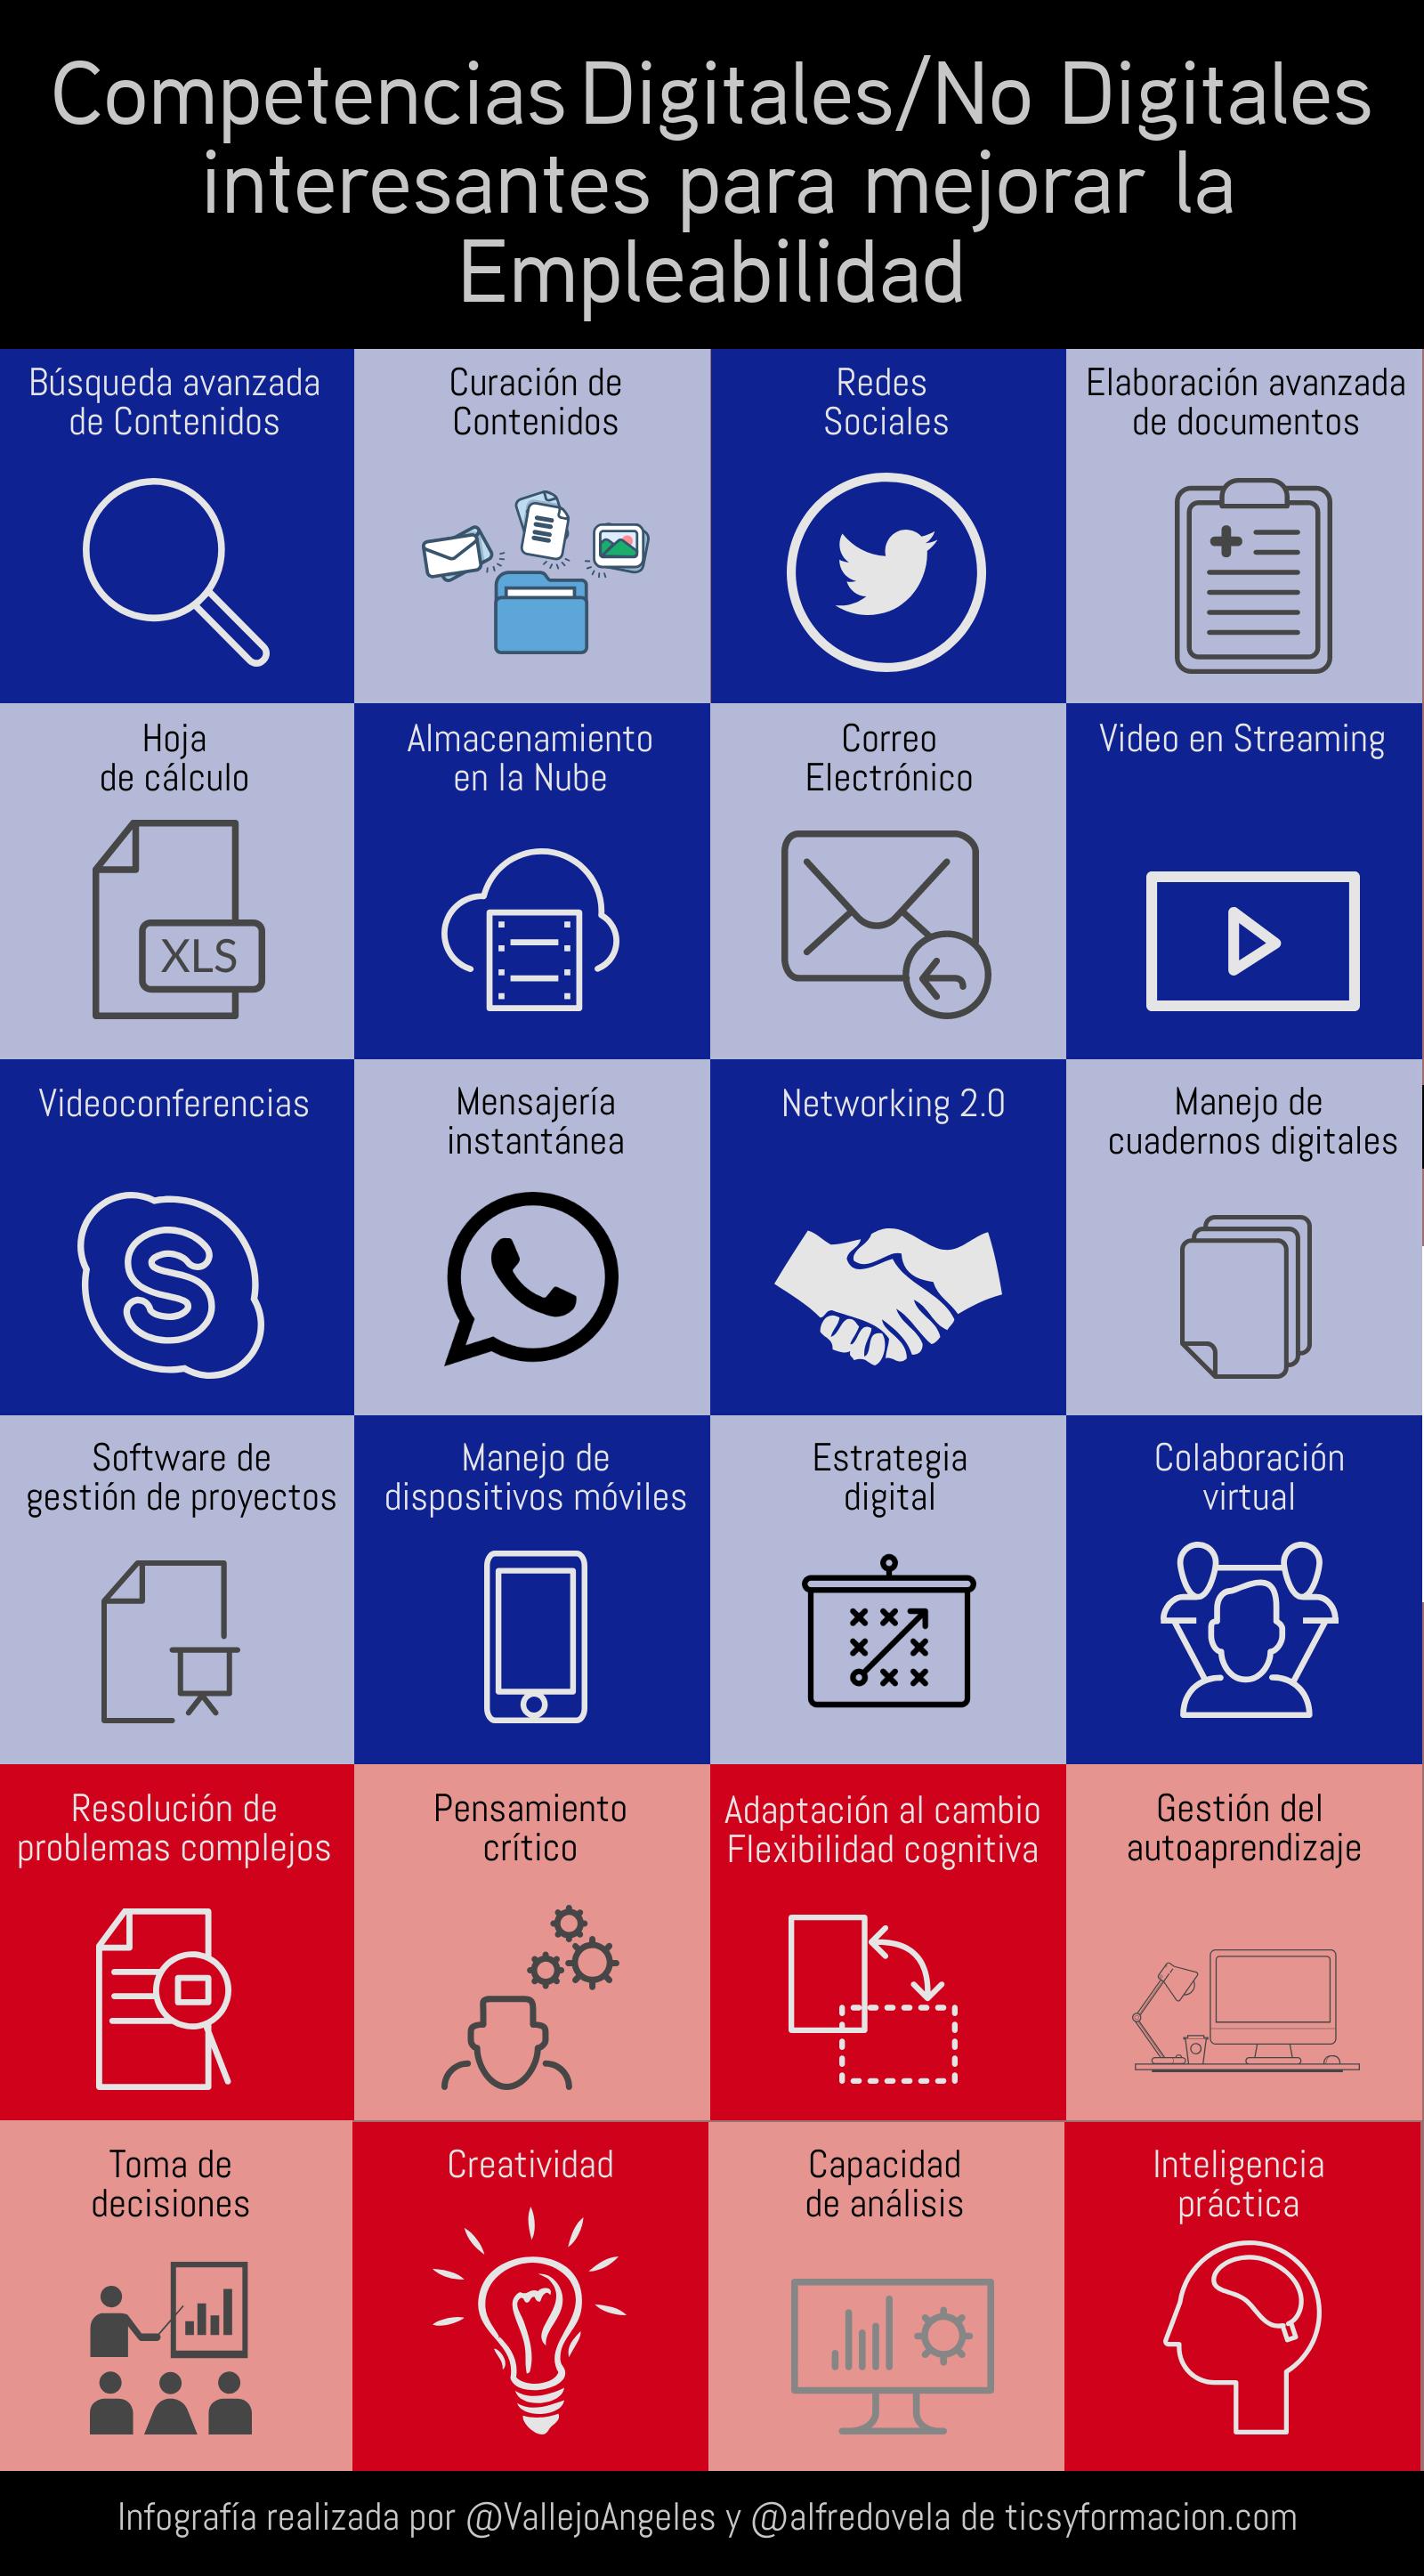 Competencias Digitales/No Digitales interesantes para mejorar la Empleabilidad